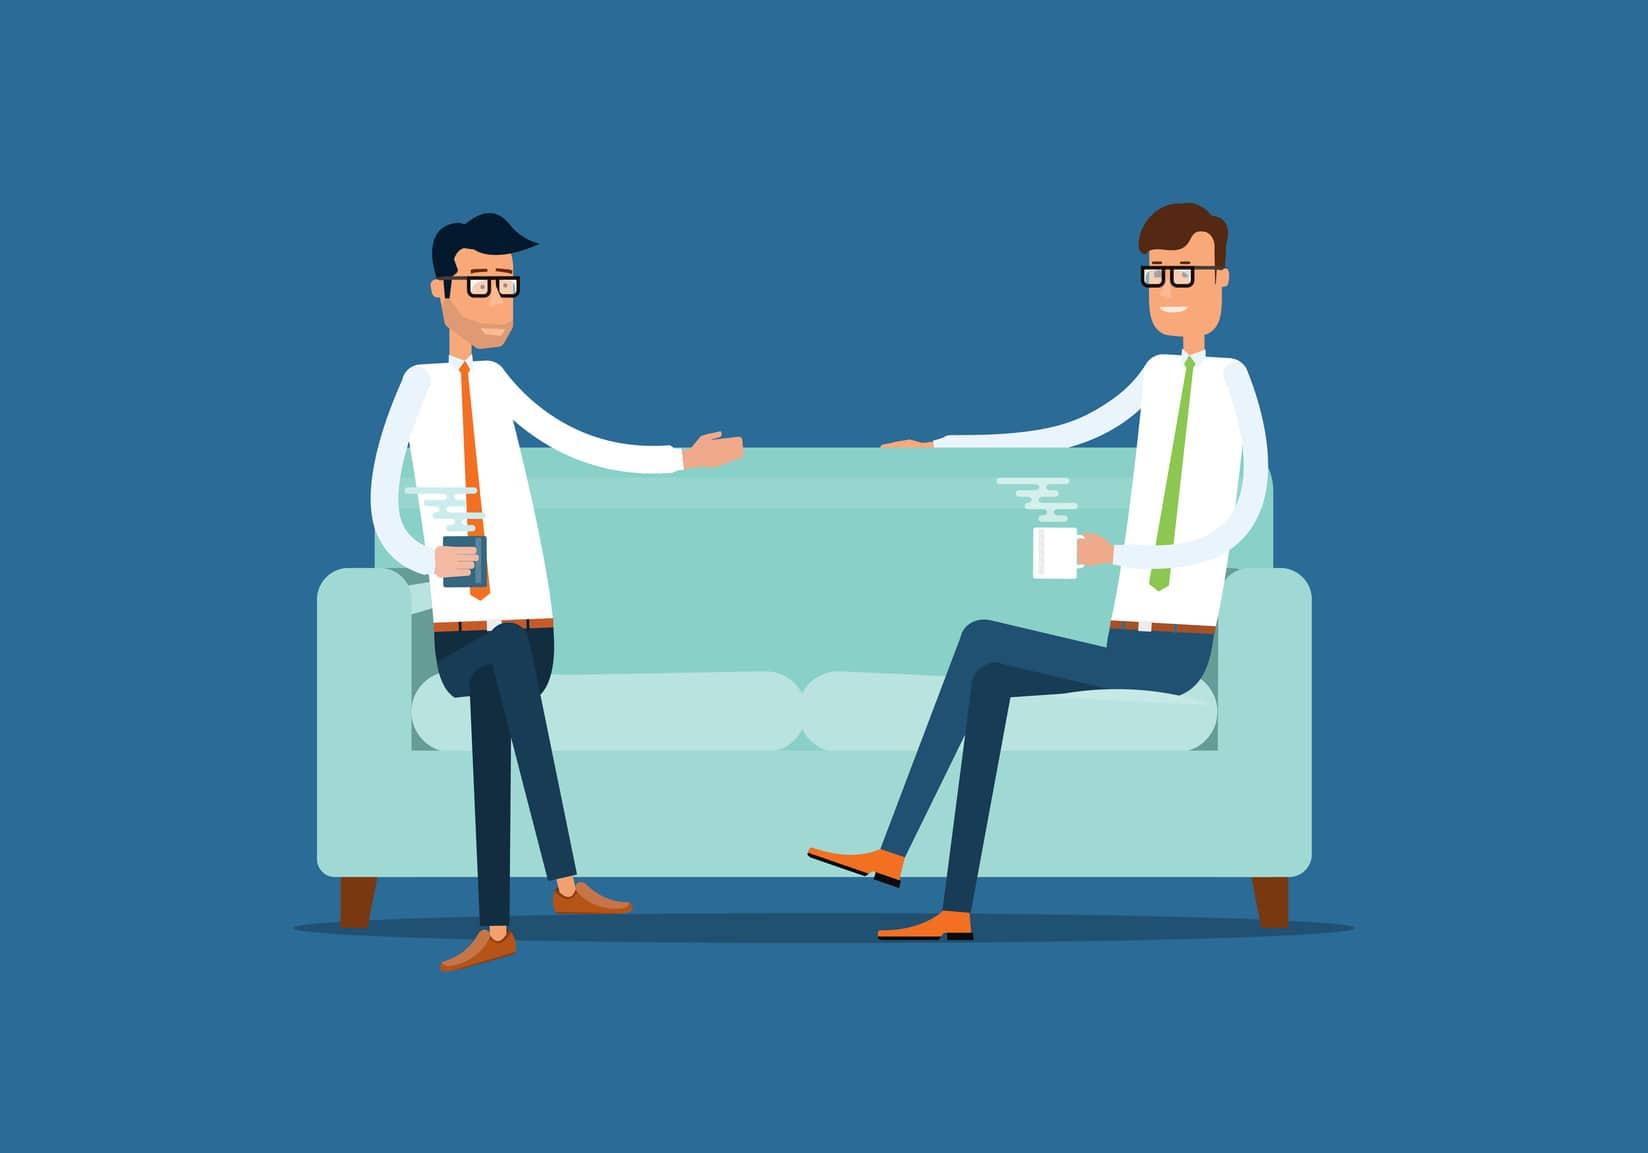 10人に8人は副業に興味があり、10人に3人は副業をしている時代です